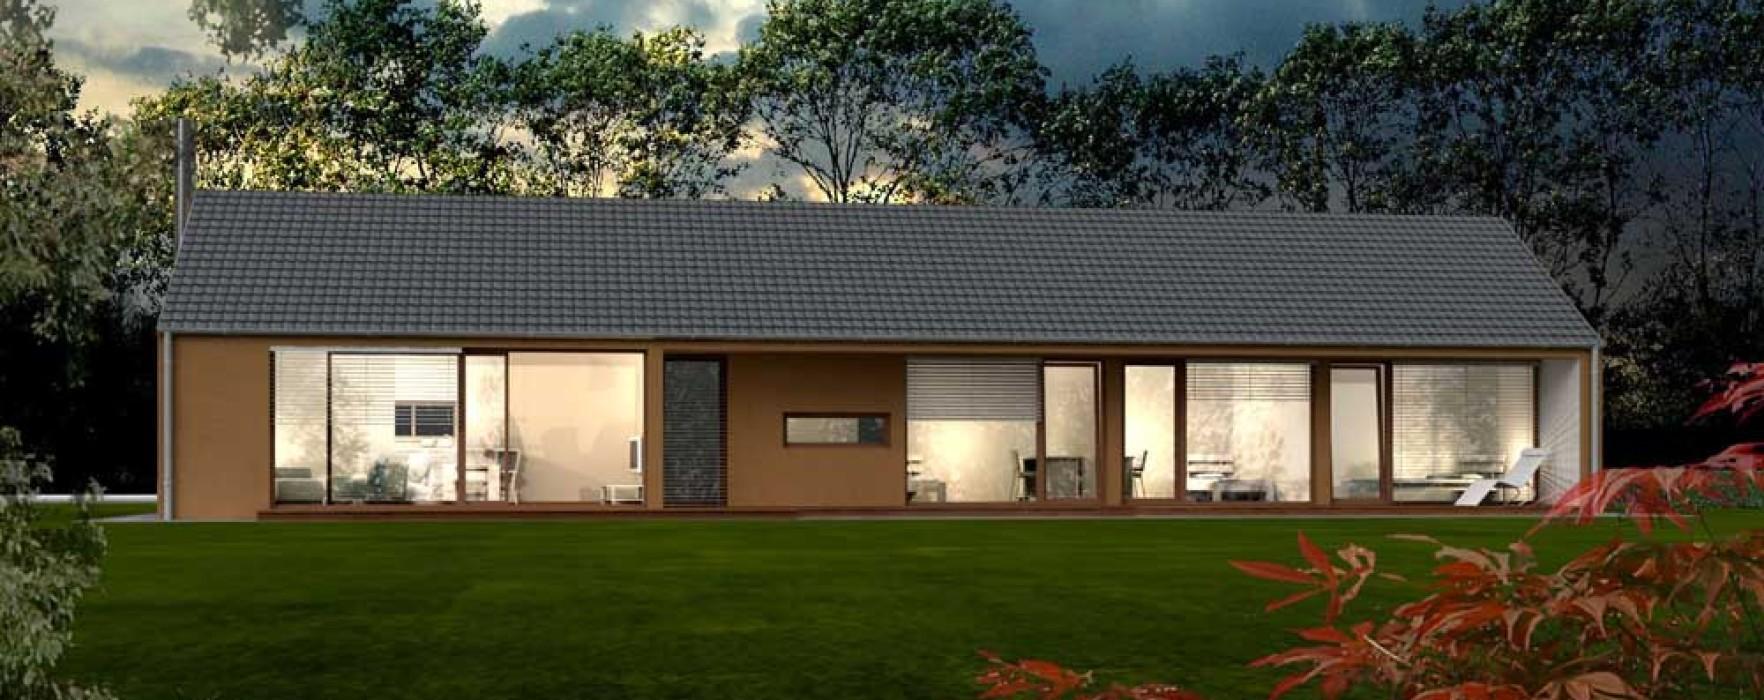 Prezzi indicativi per due case prefabbricate for Modelli e piani di case